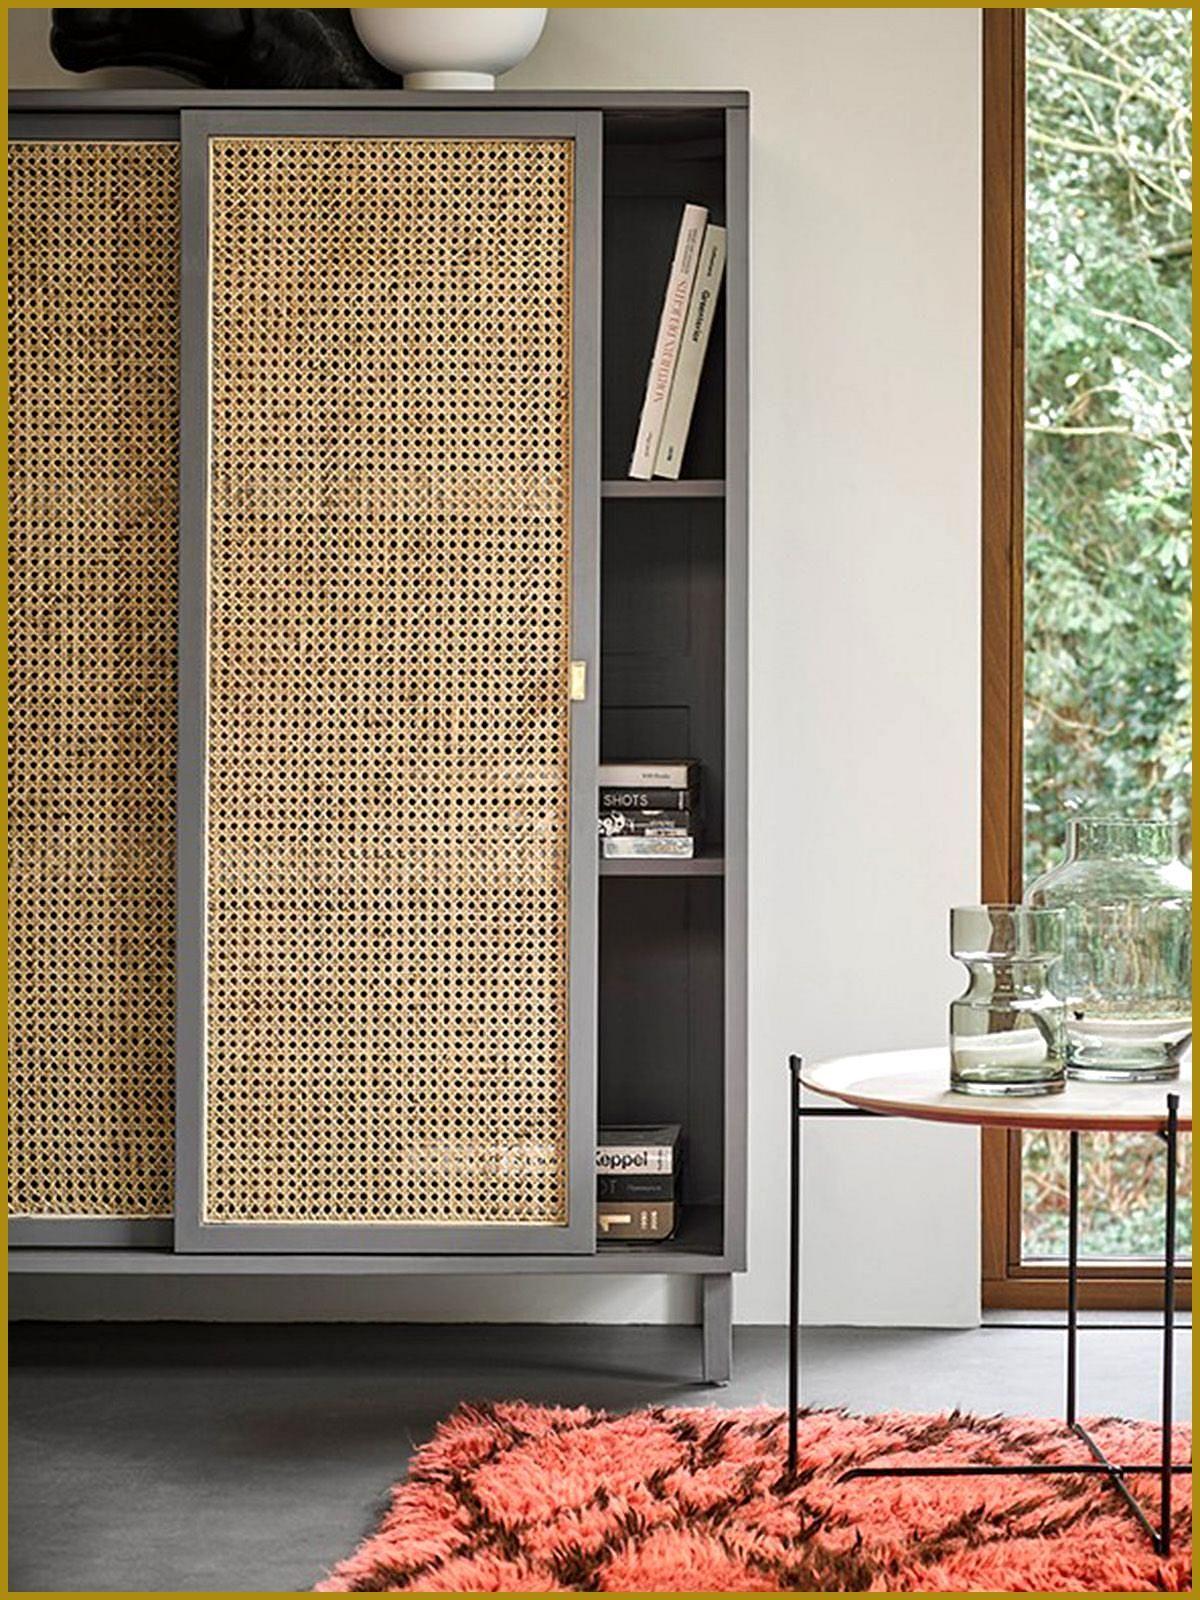 Interiors Trend Report Cane Furniture Interior Designer Sophie Robinson Discusses Why Cane Interior Design Furniture Stunning Interior Design Furniture Trends